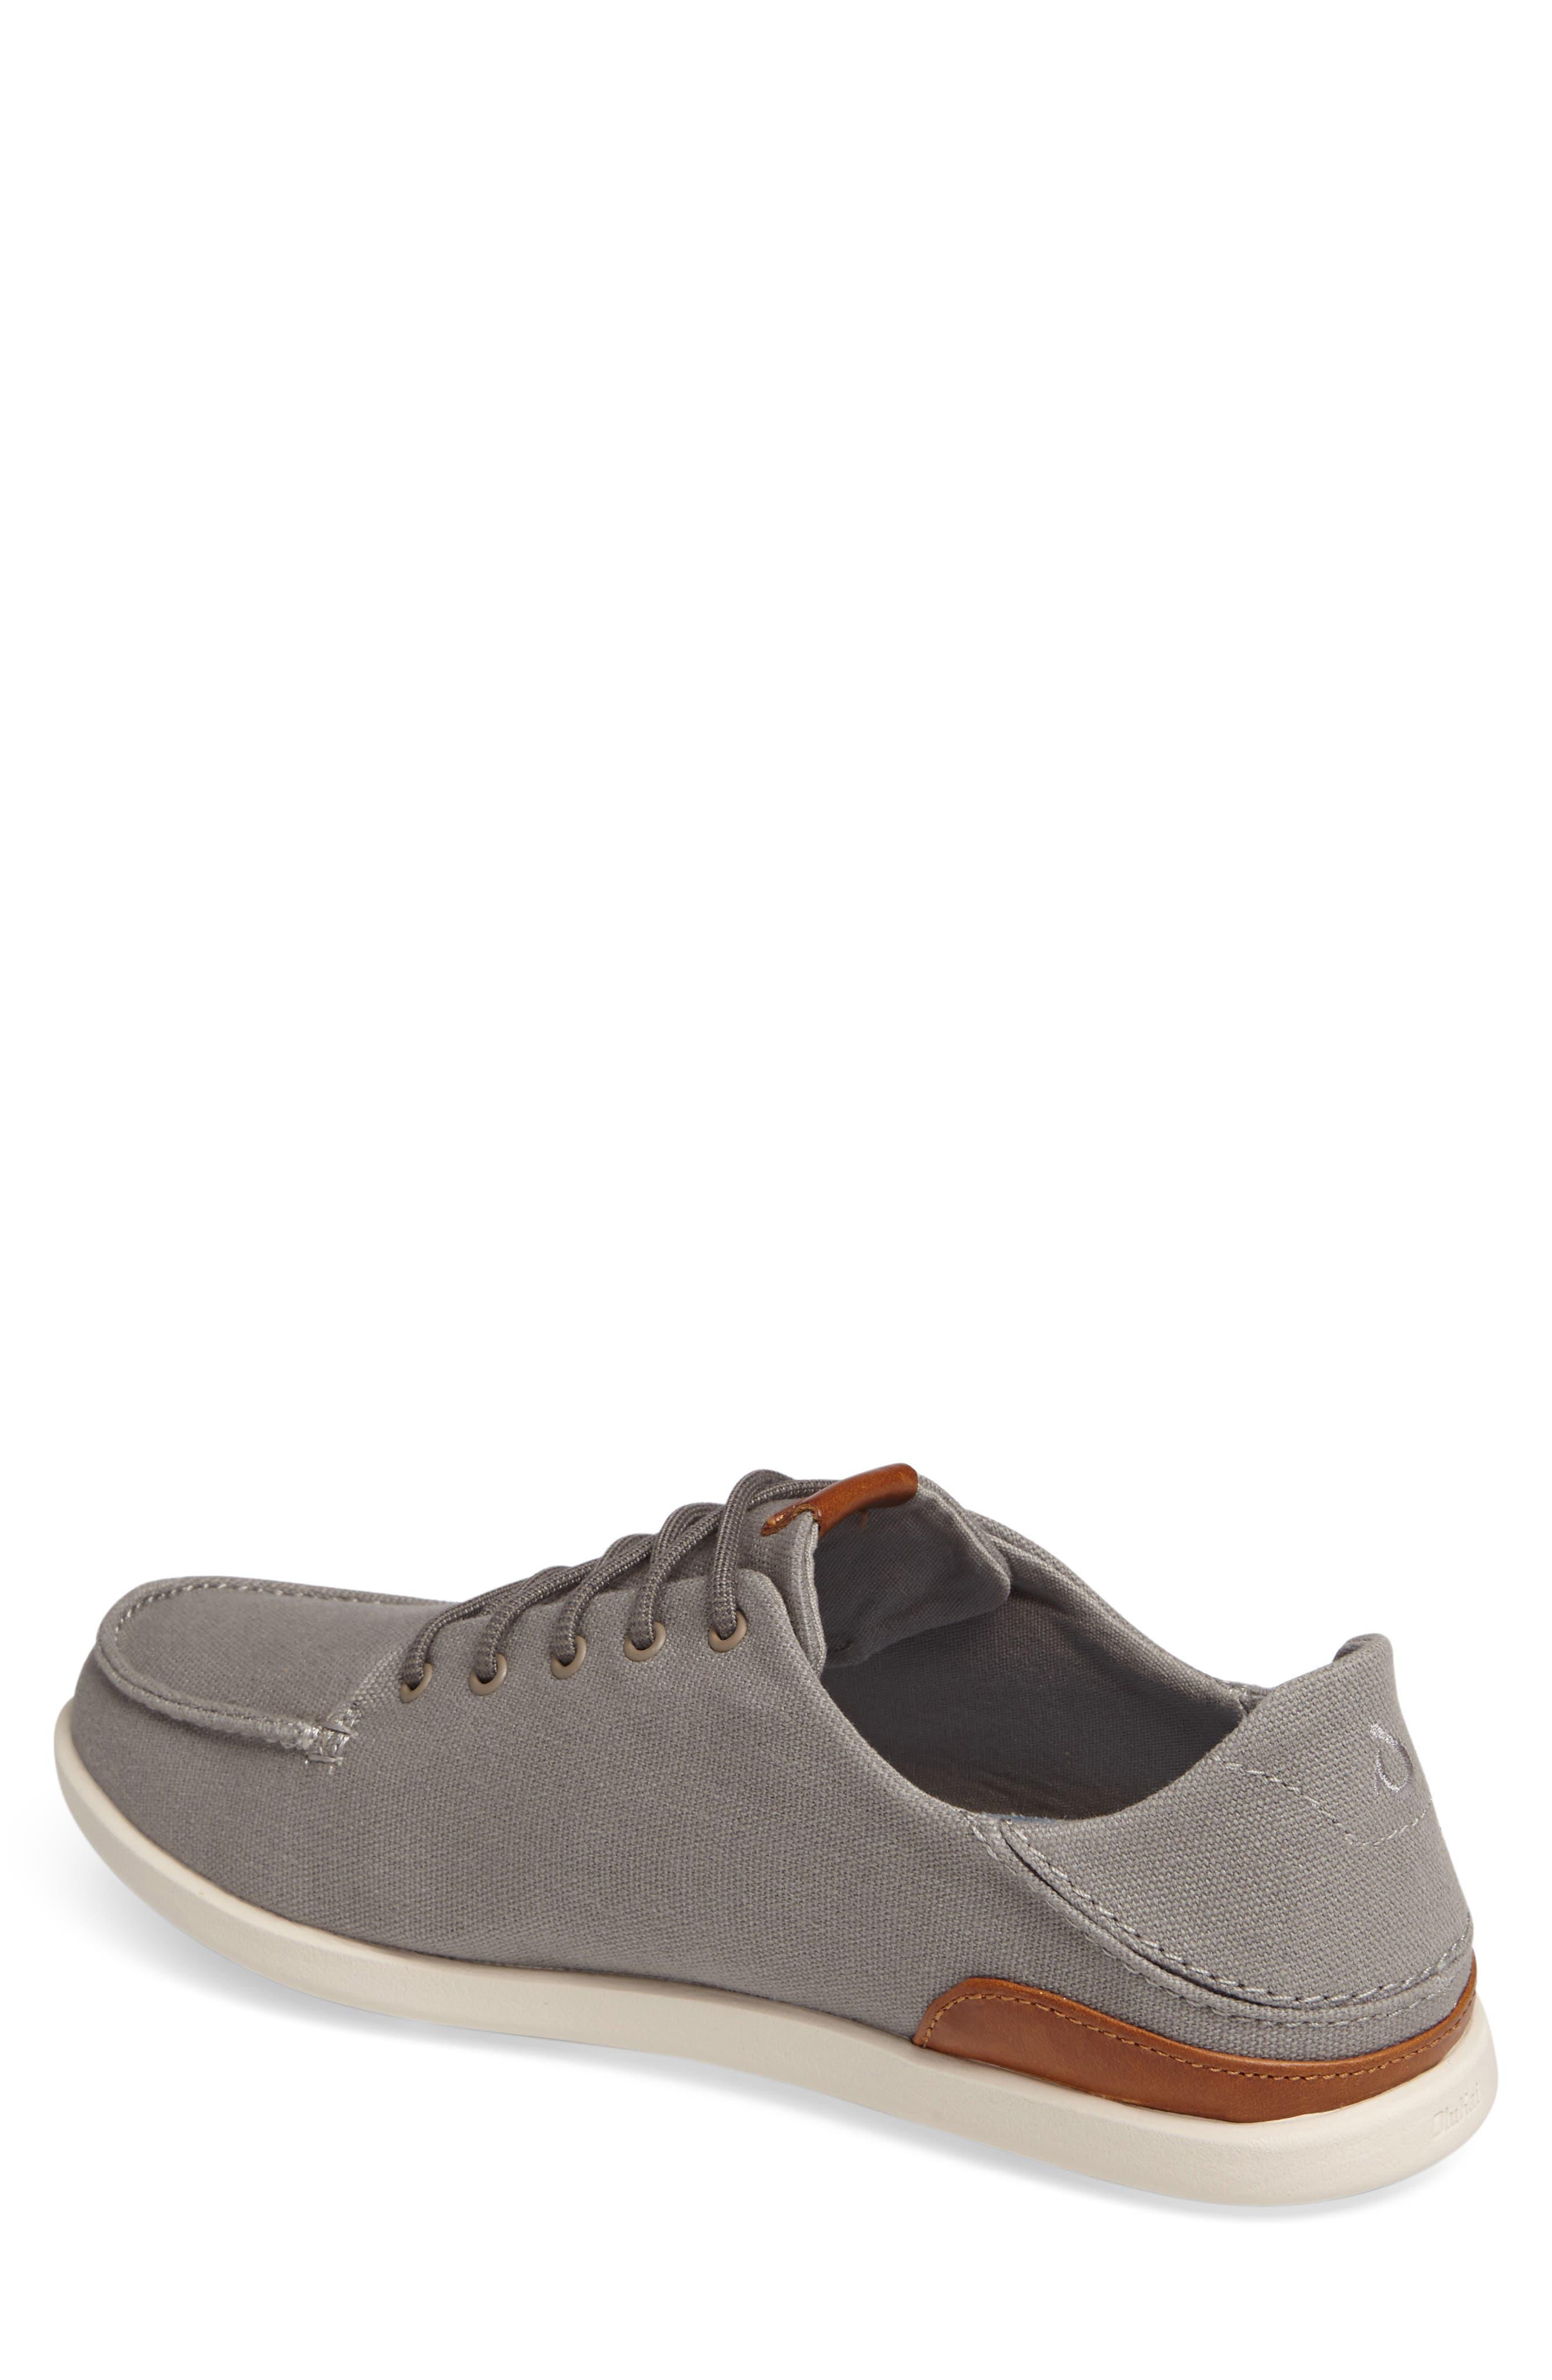 Alternate Image 2  - OluKai Manoa Sneaker (Men)